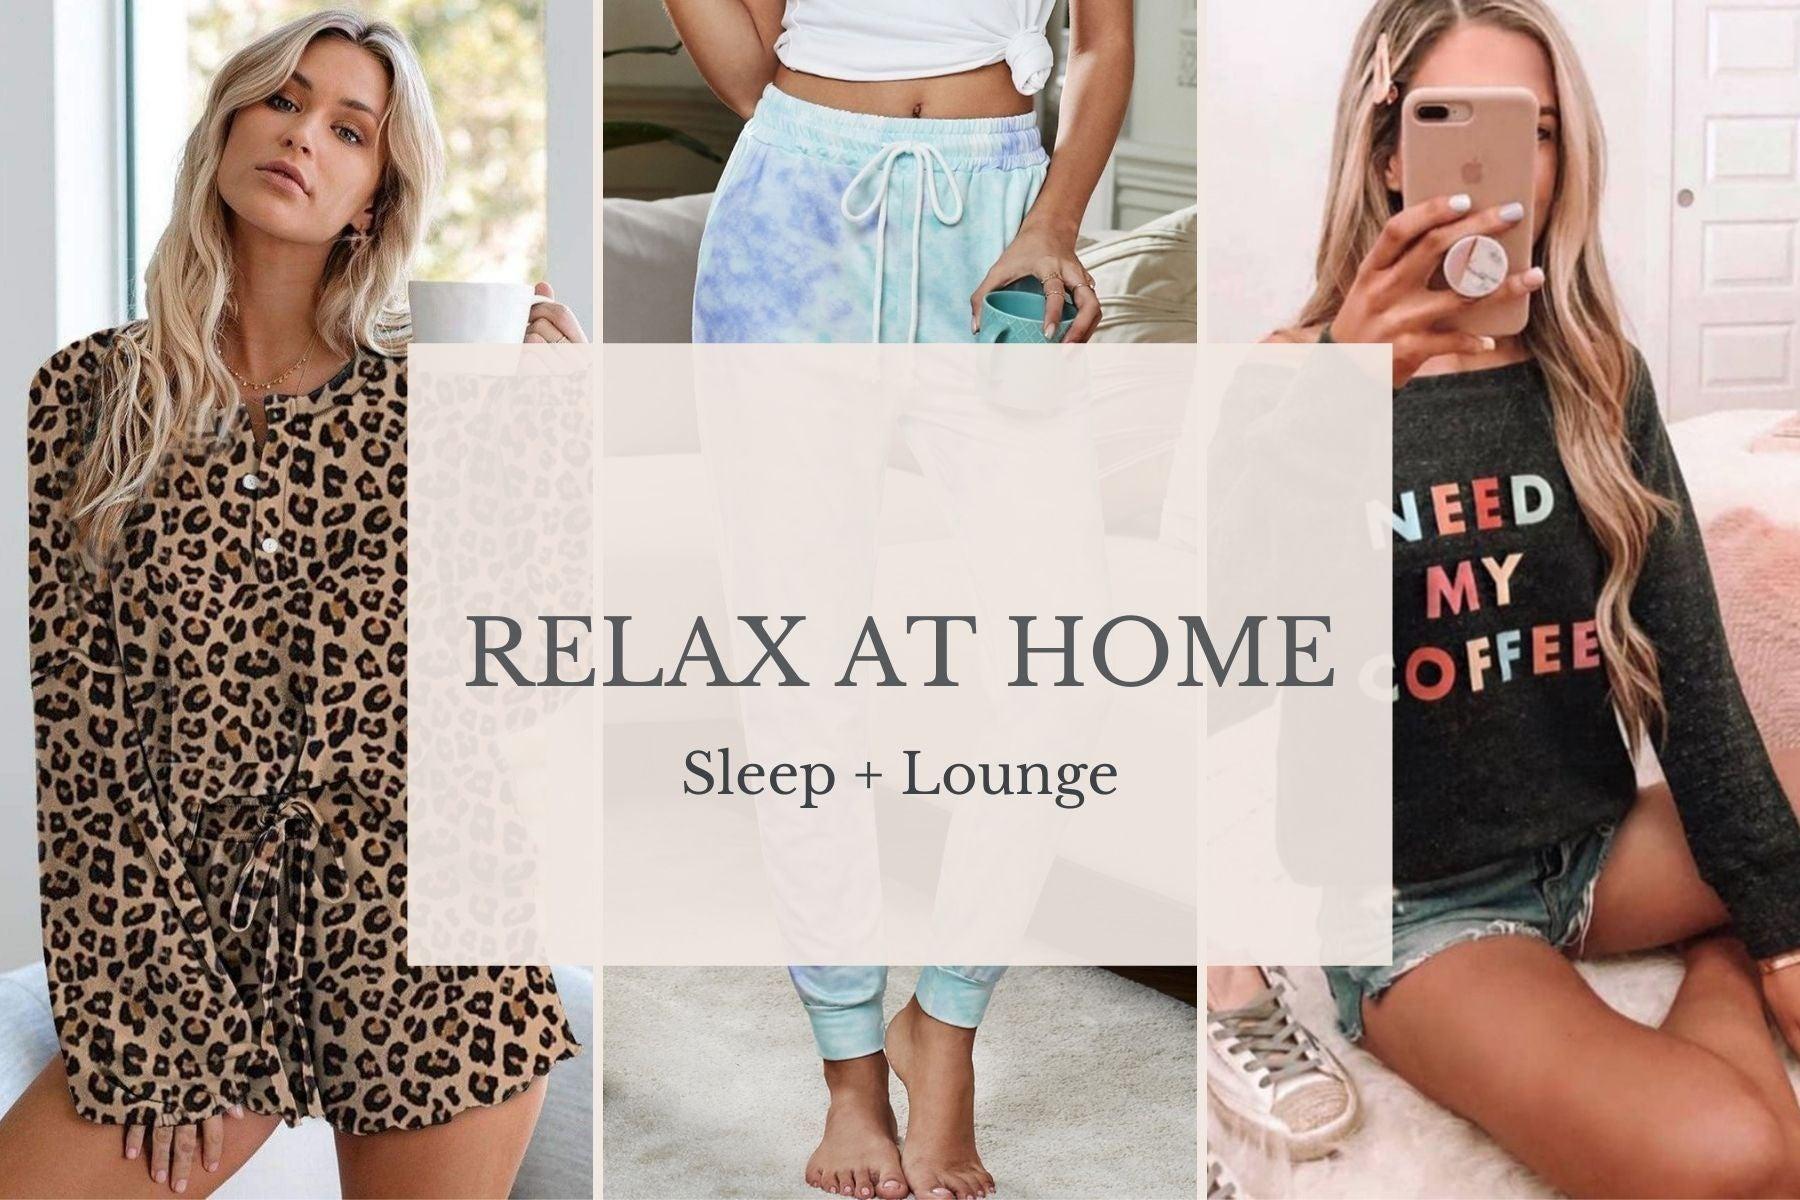 Sleep + Lounge